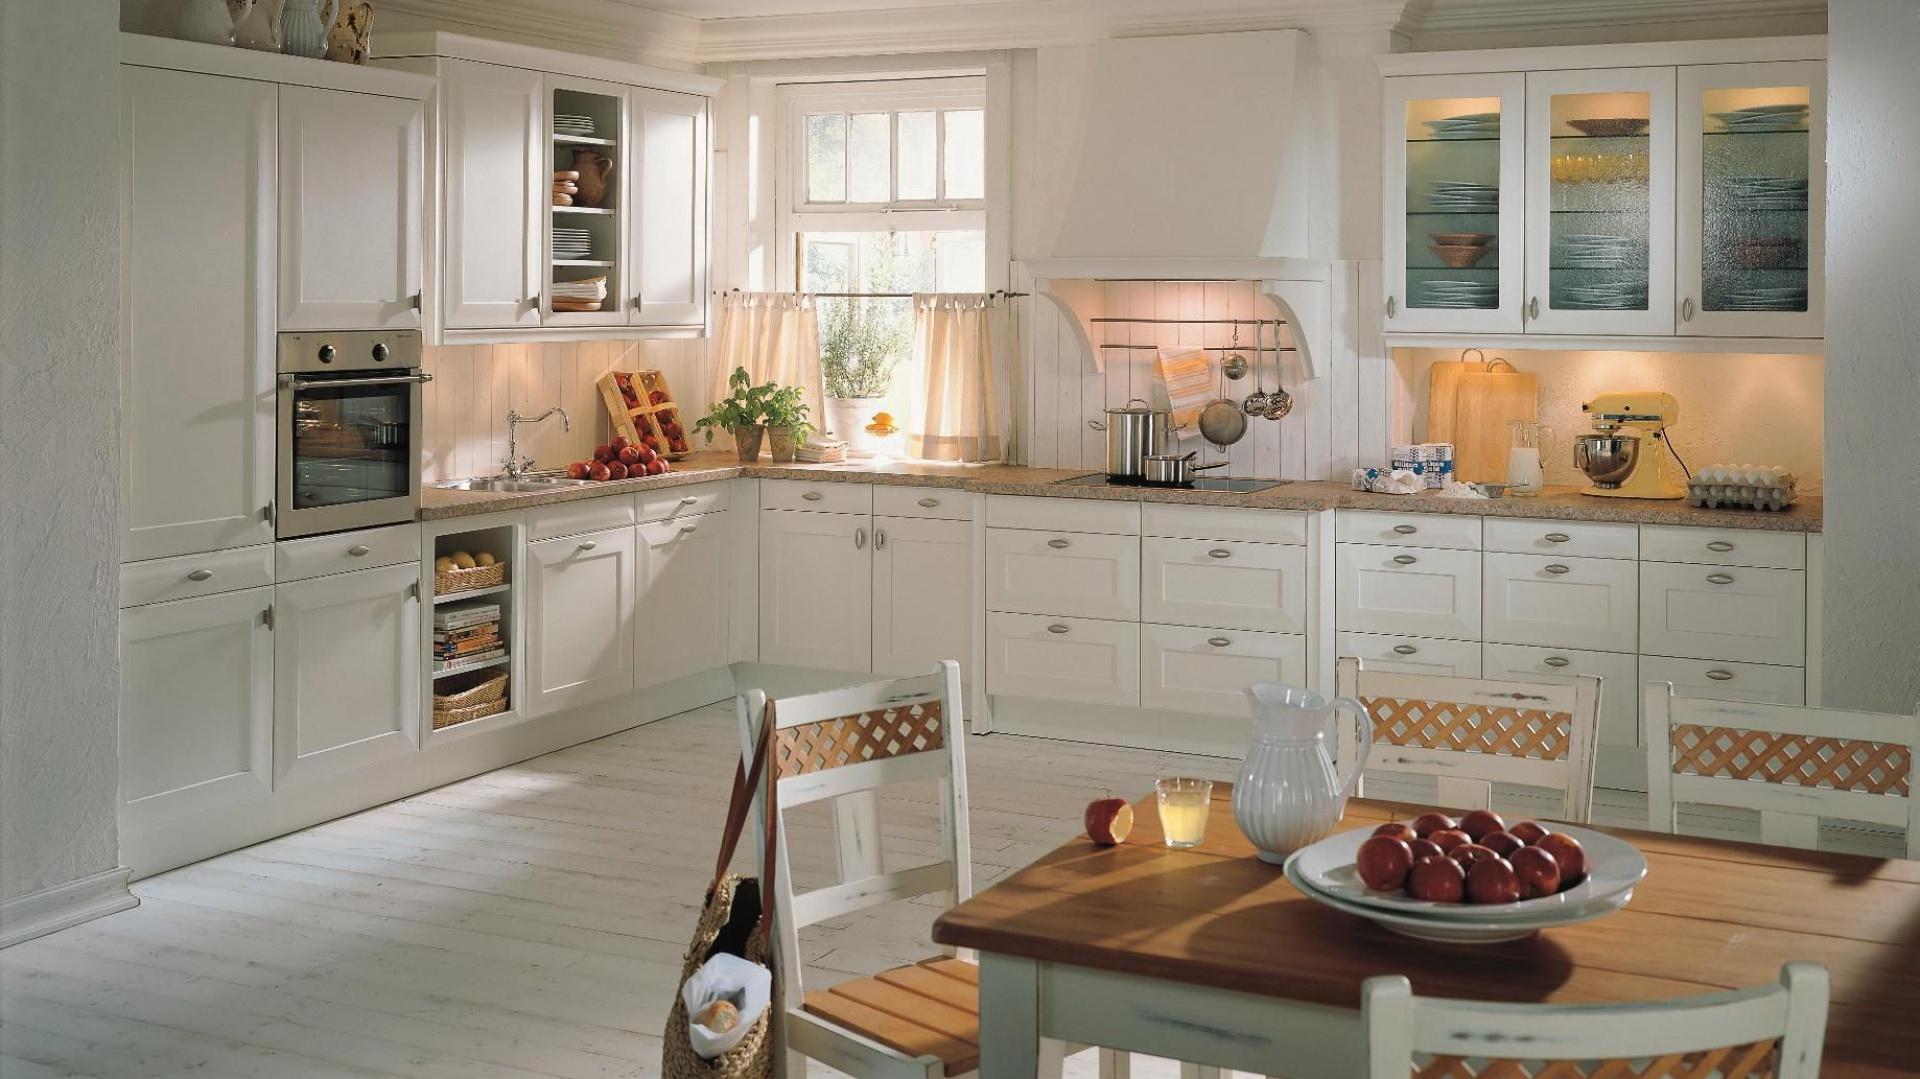 Kuchnia W Stylu Klasycznym Piękne Inspiracje Od Producentów